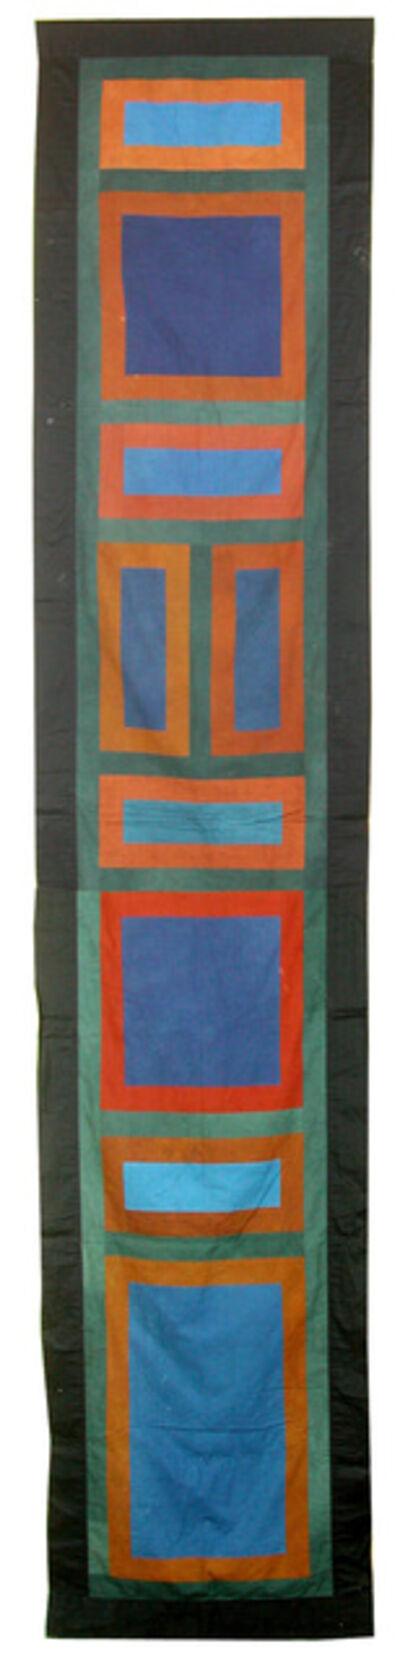 Chant Avedissian, 'Panel A', 1988-1989